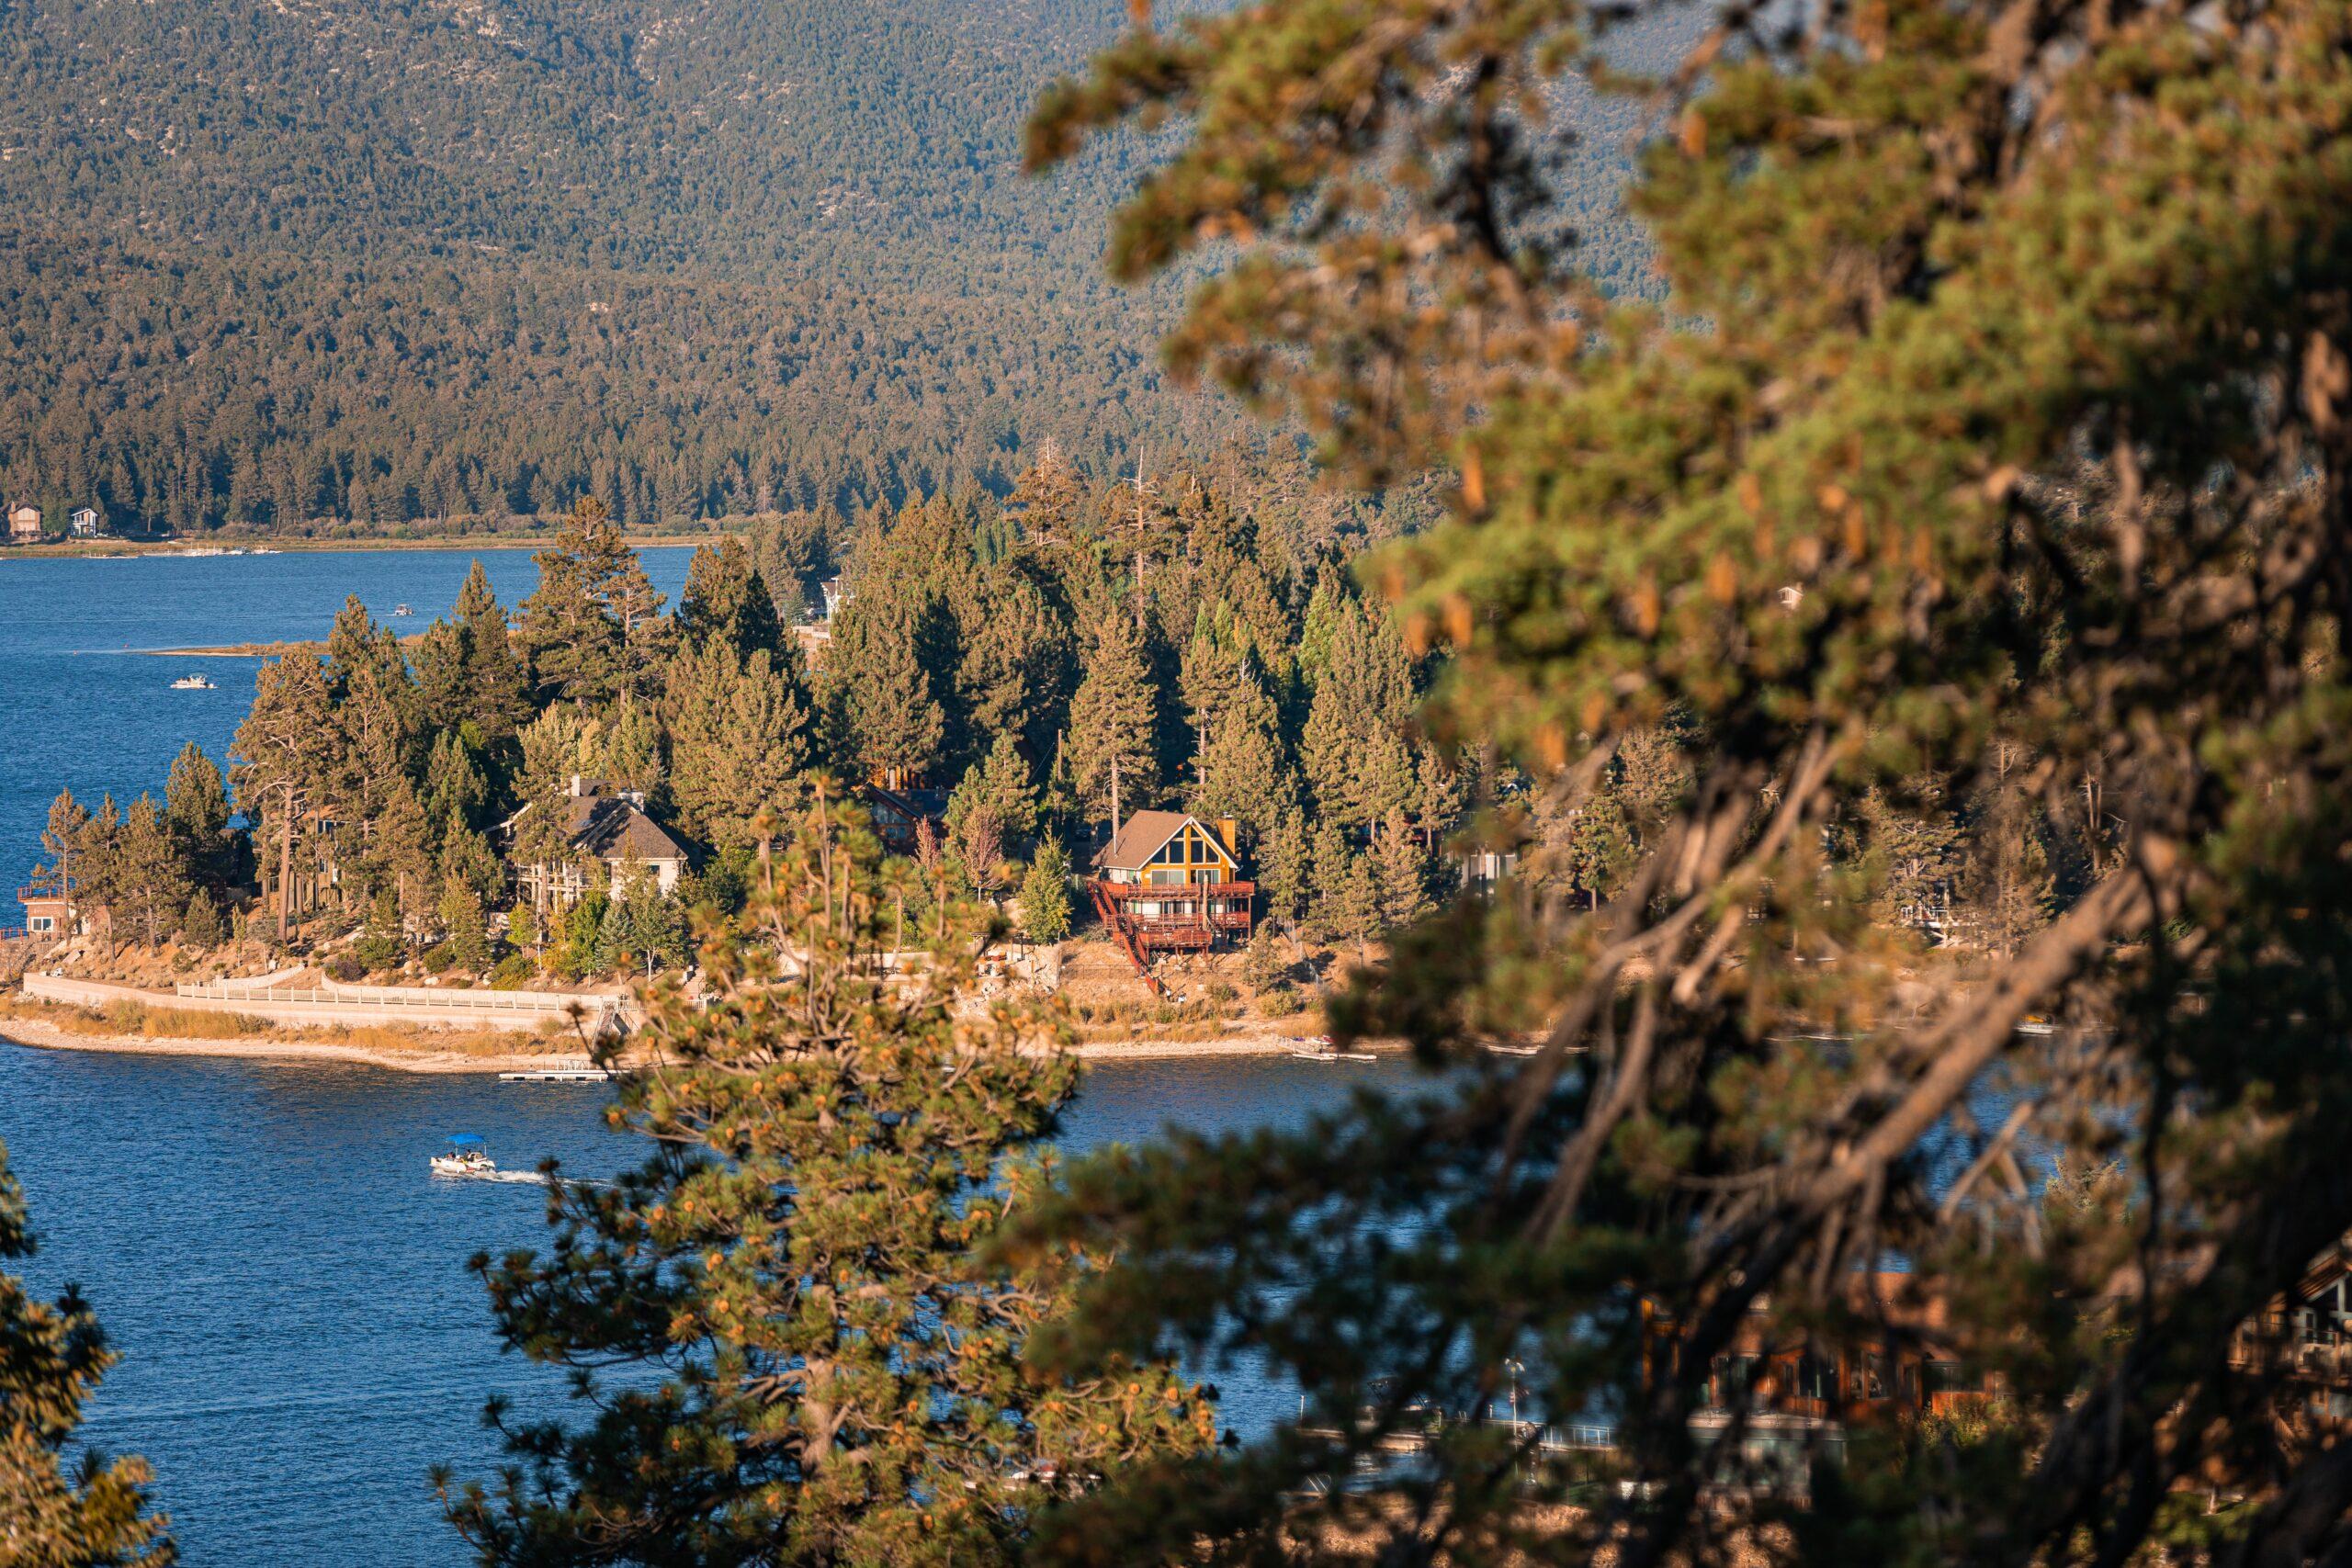 大熊湖現已開放預約至7月,疫情過後春夏遊玩可以安排起來啦~